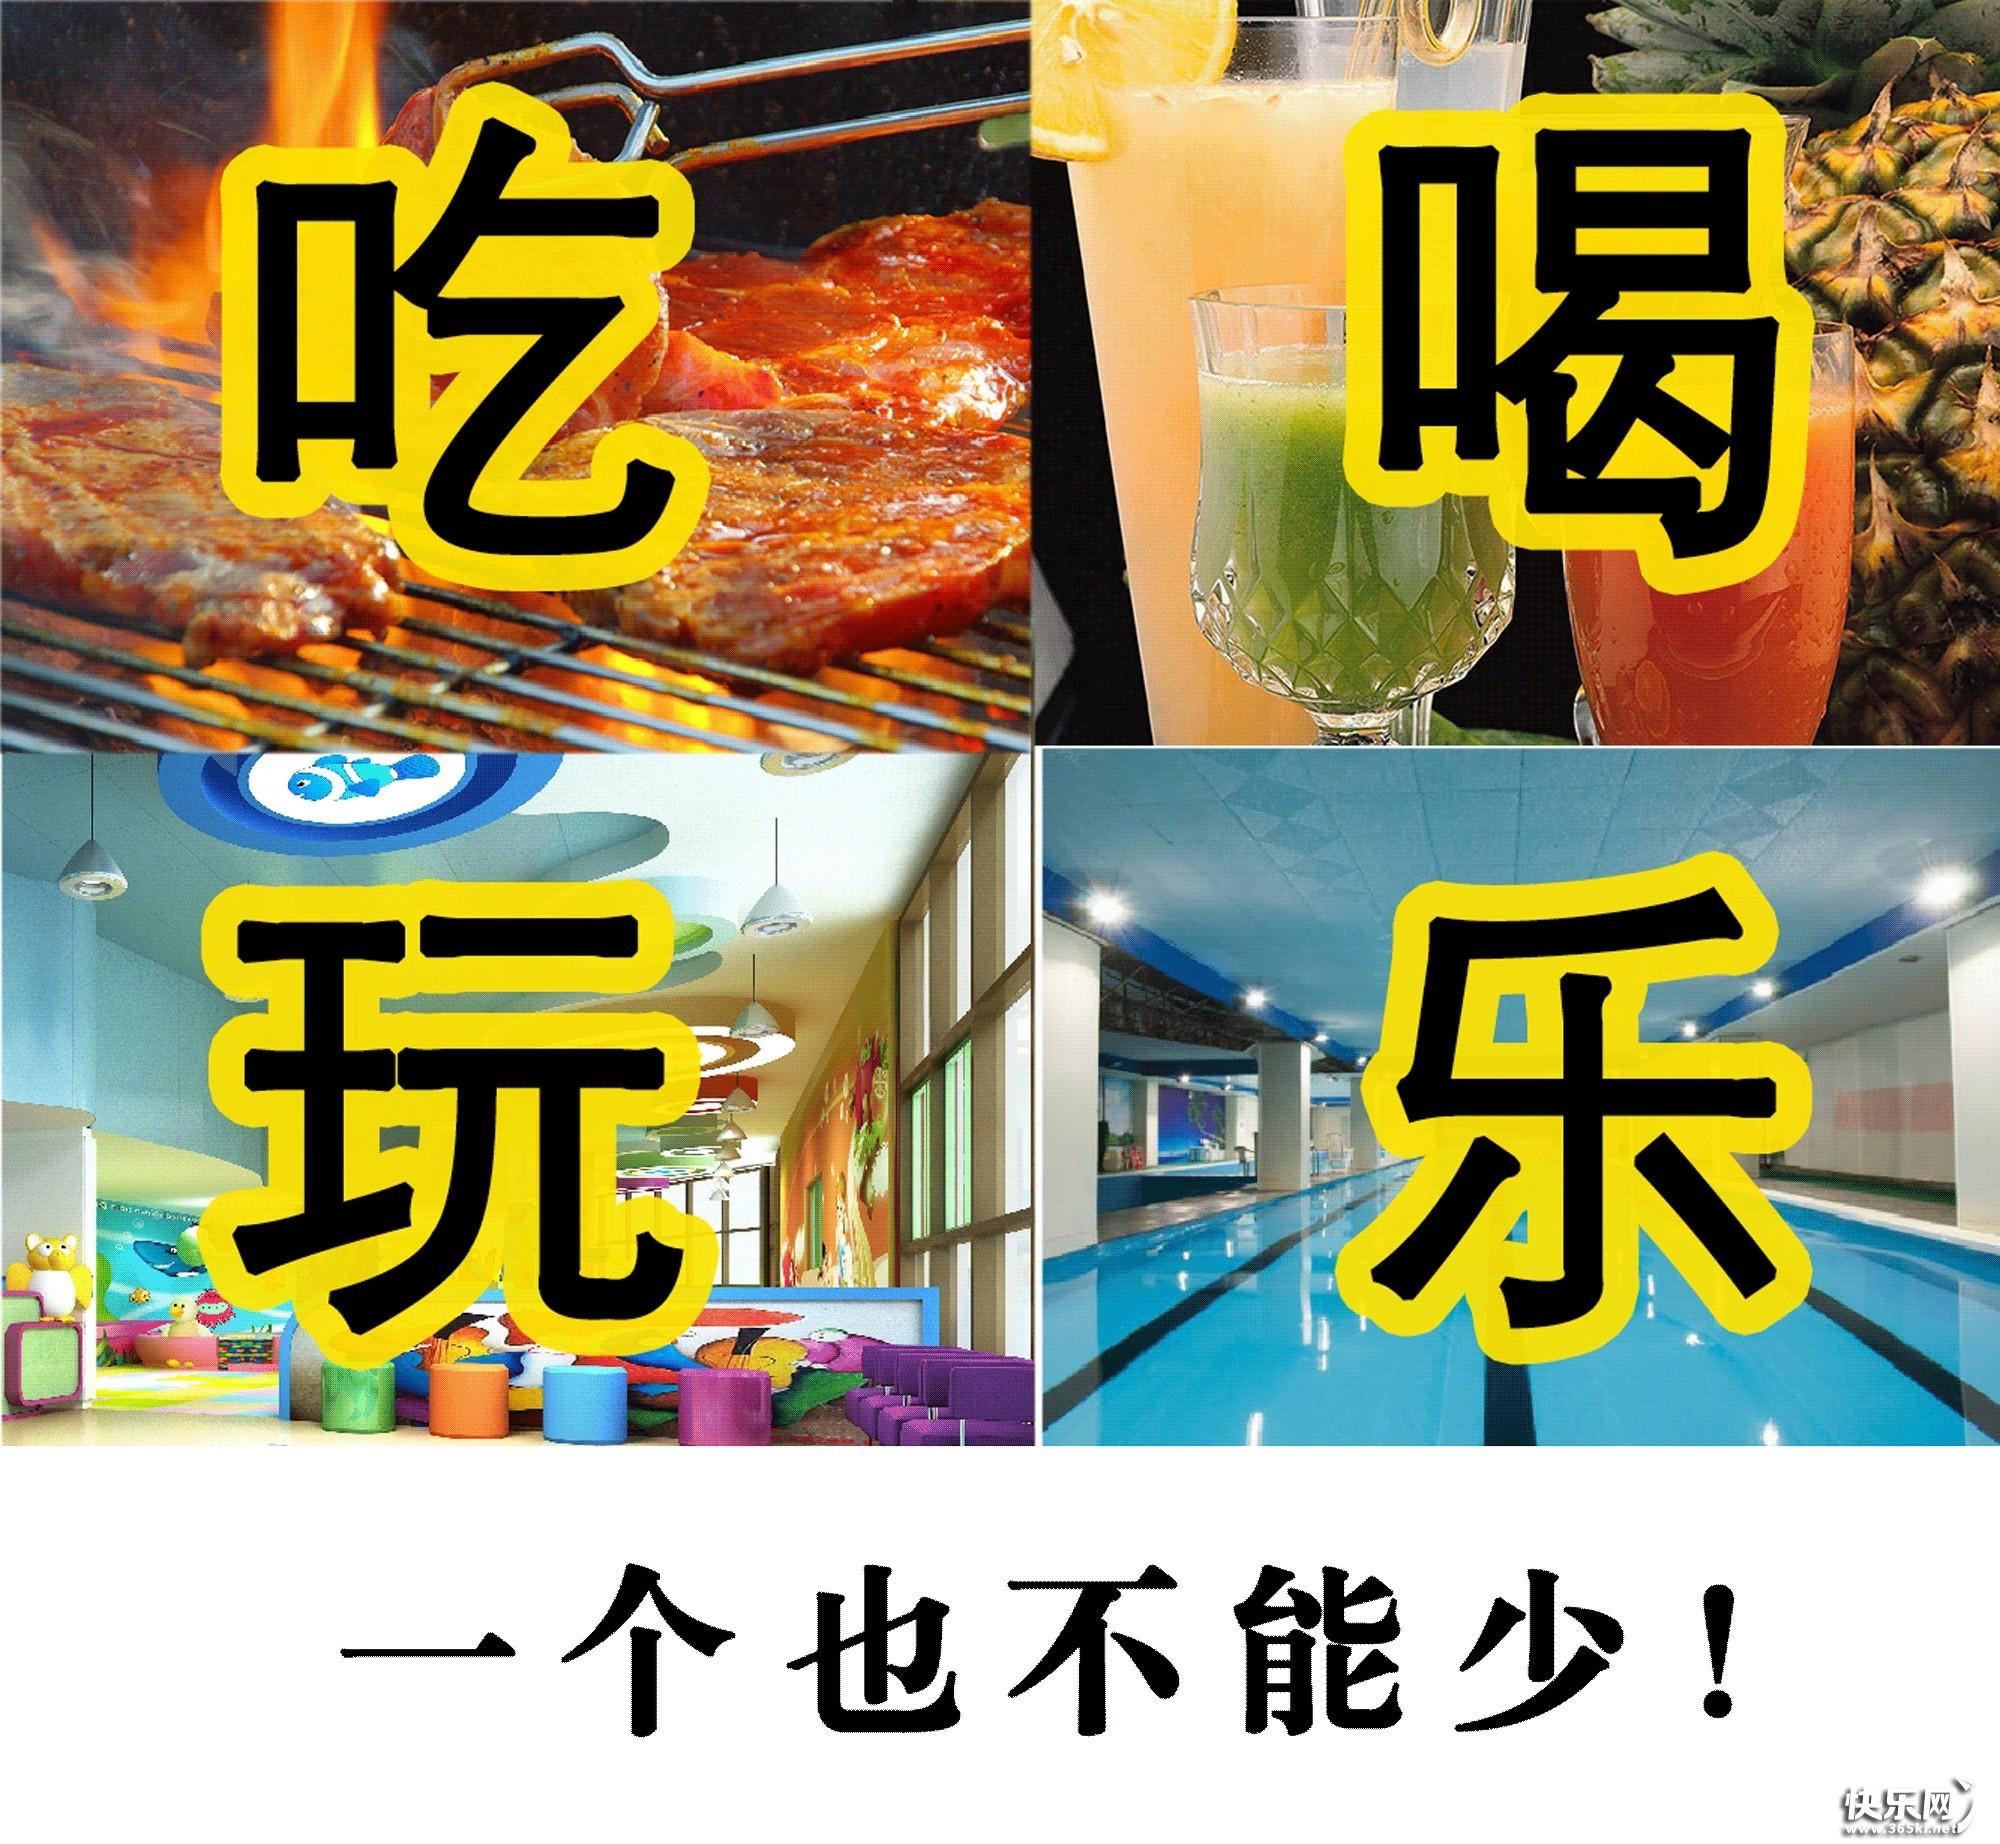 大单!梦之岛和唐人街上百个商家冲进了快乐网!